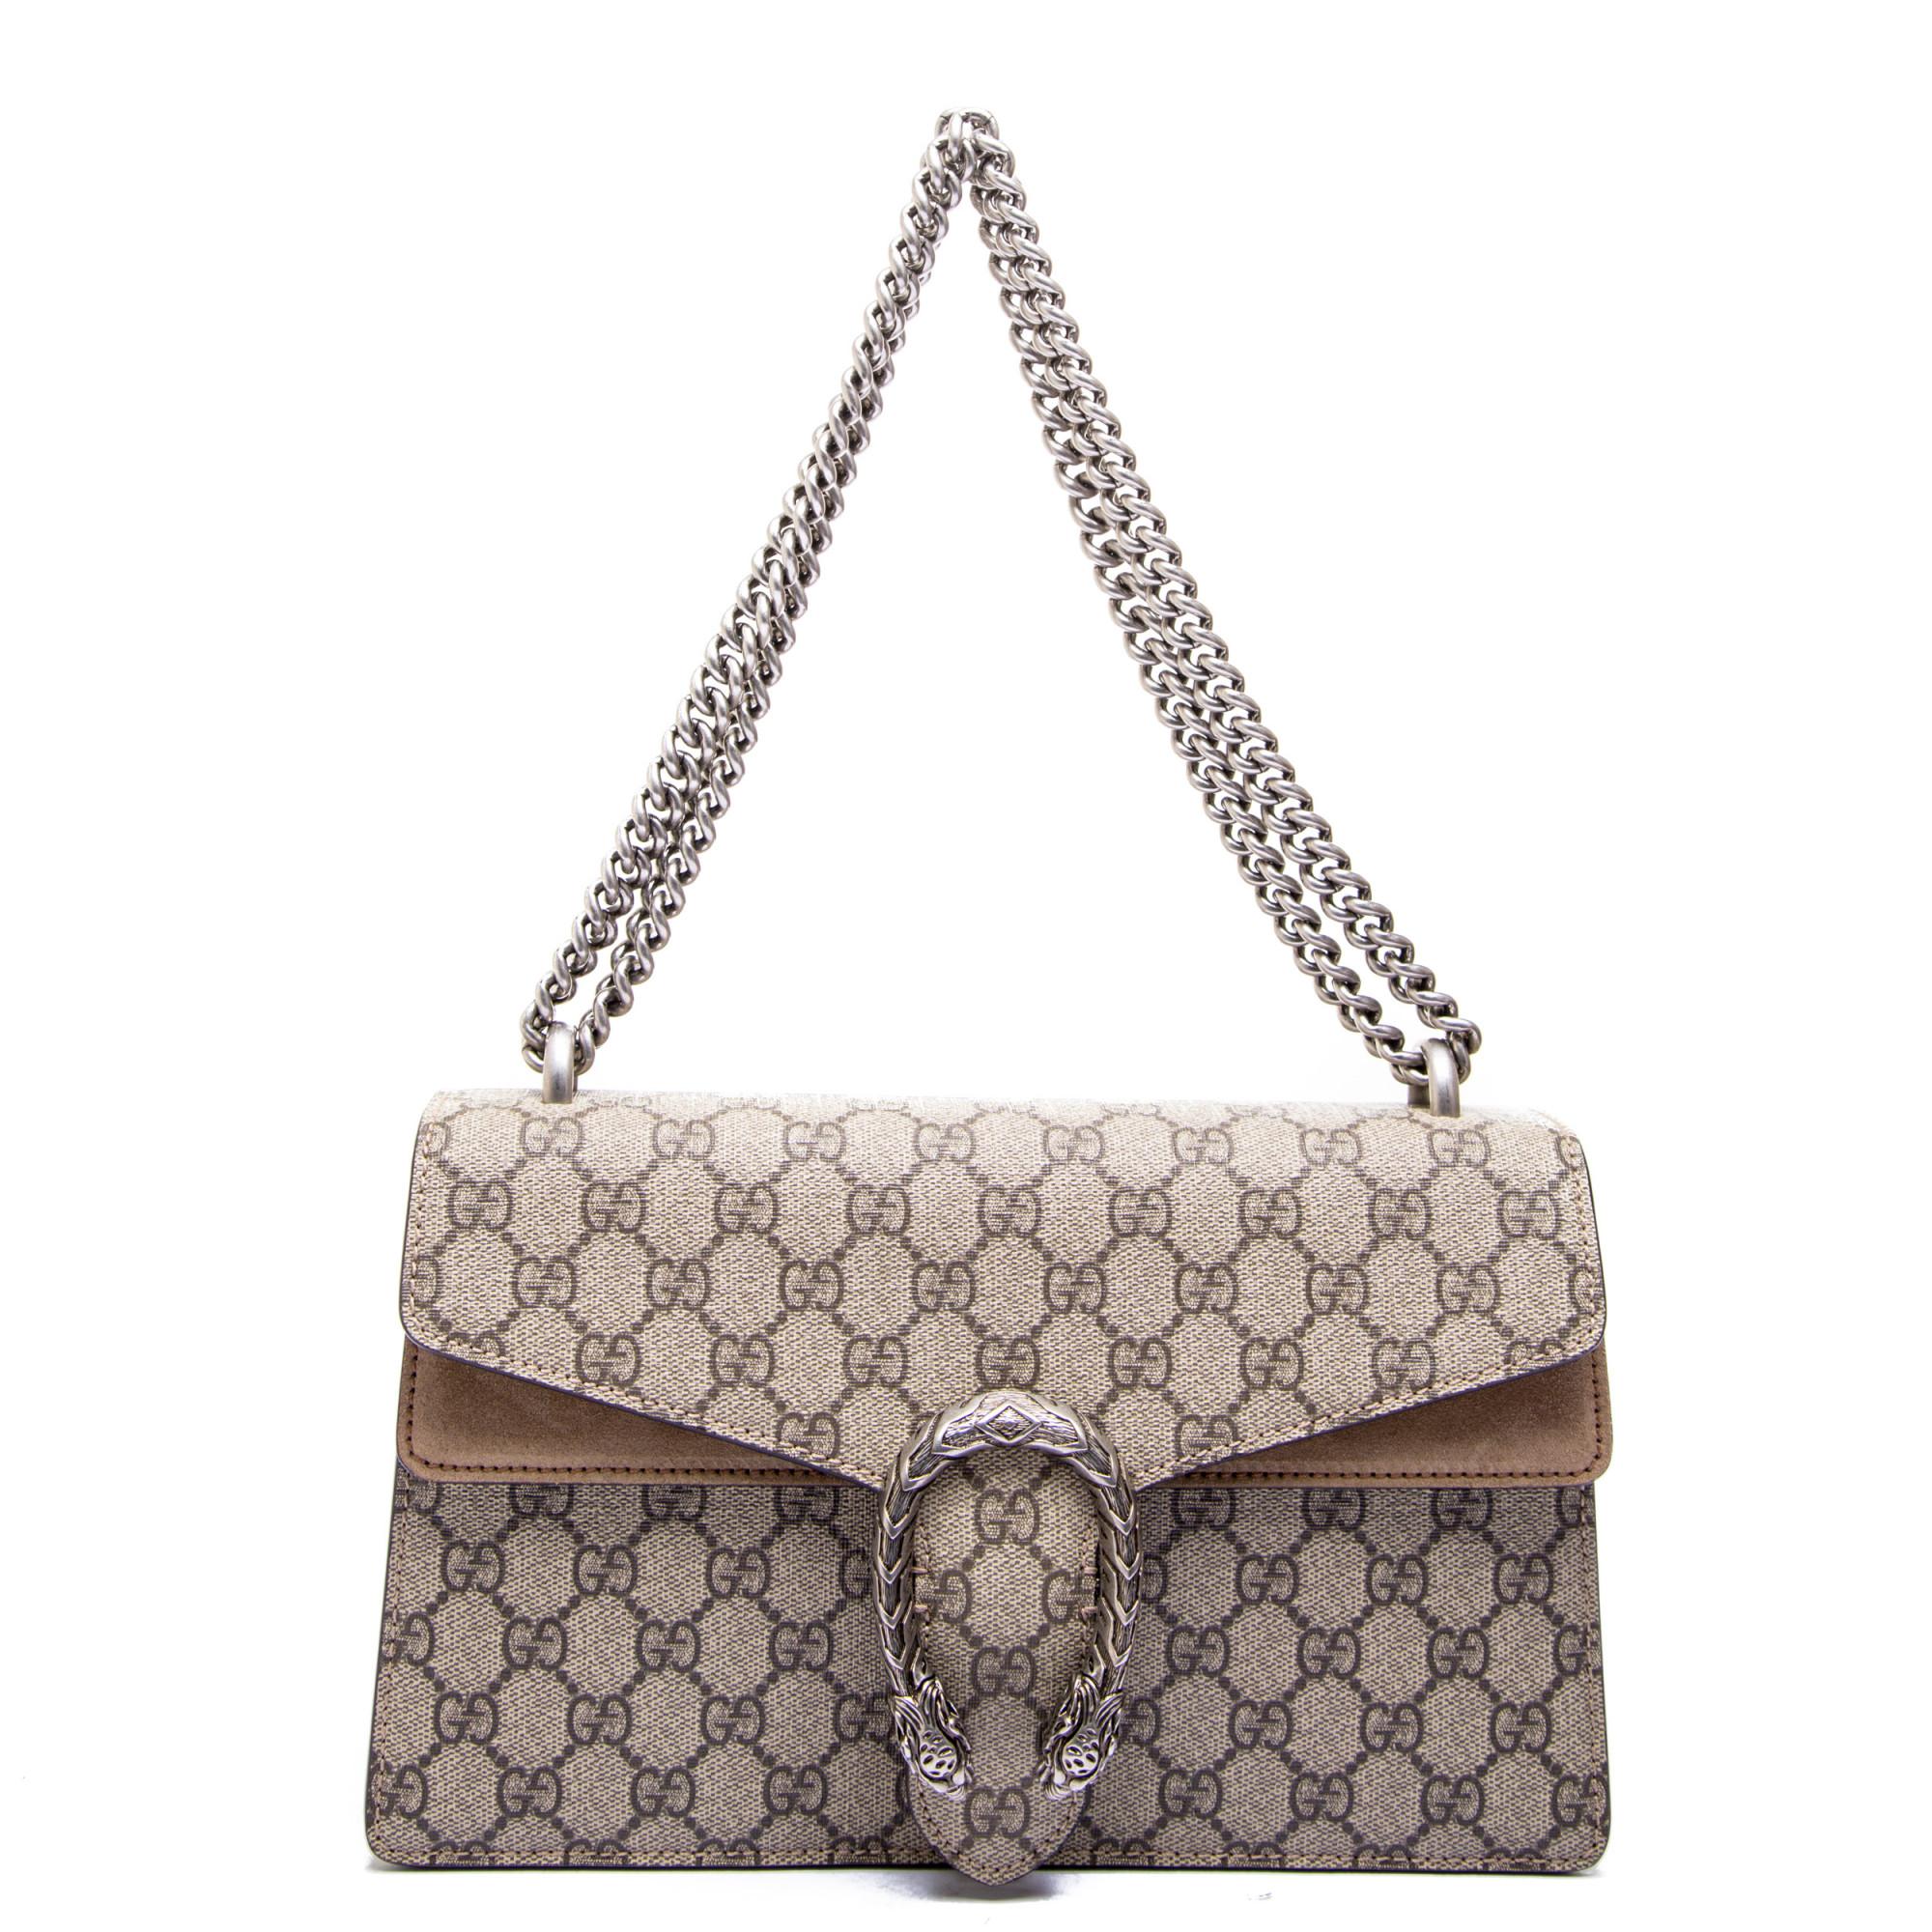 39cc3456b9d5a2 Gucci dionysus handbag Gucci dionysus handbag - www.derodeloper.com -  Derodeloper. ...